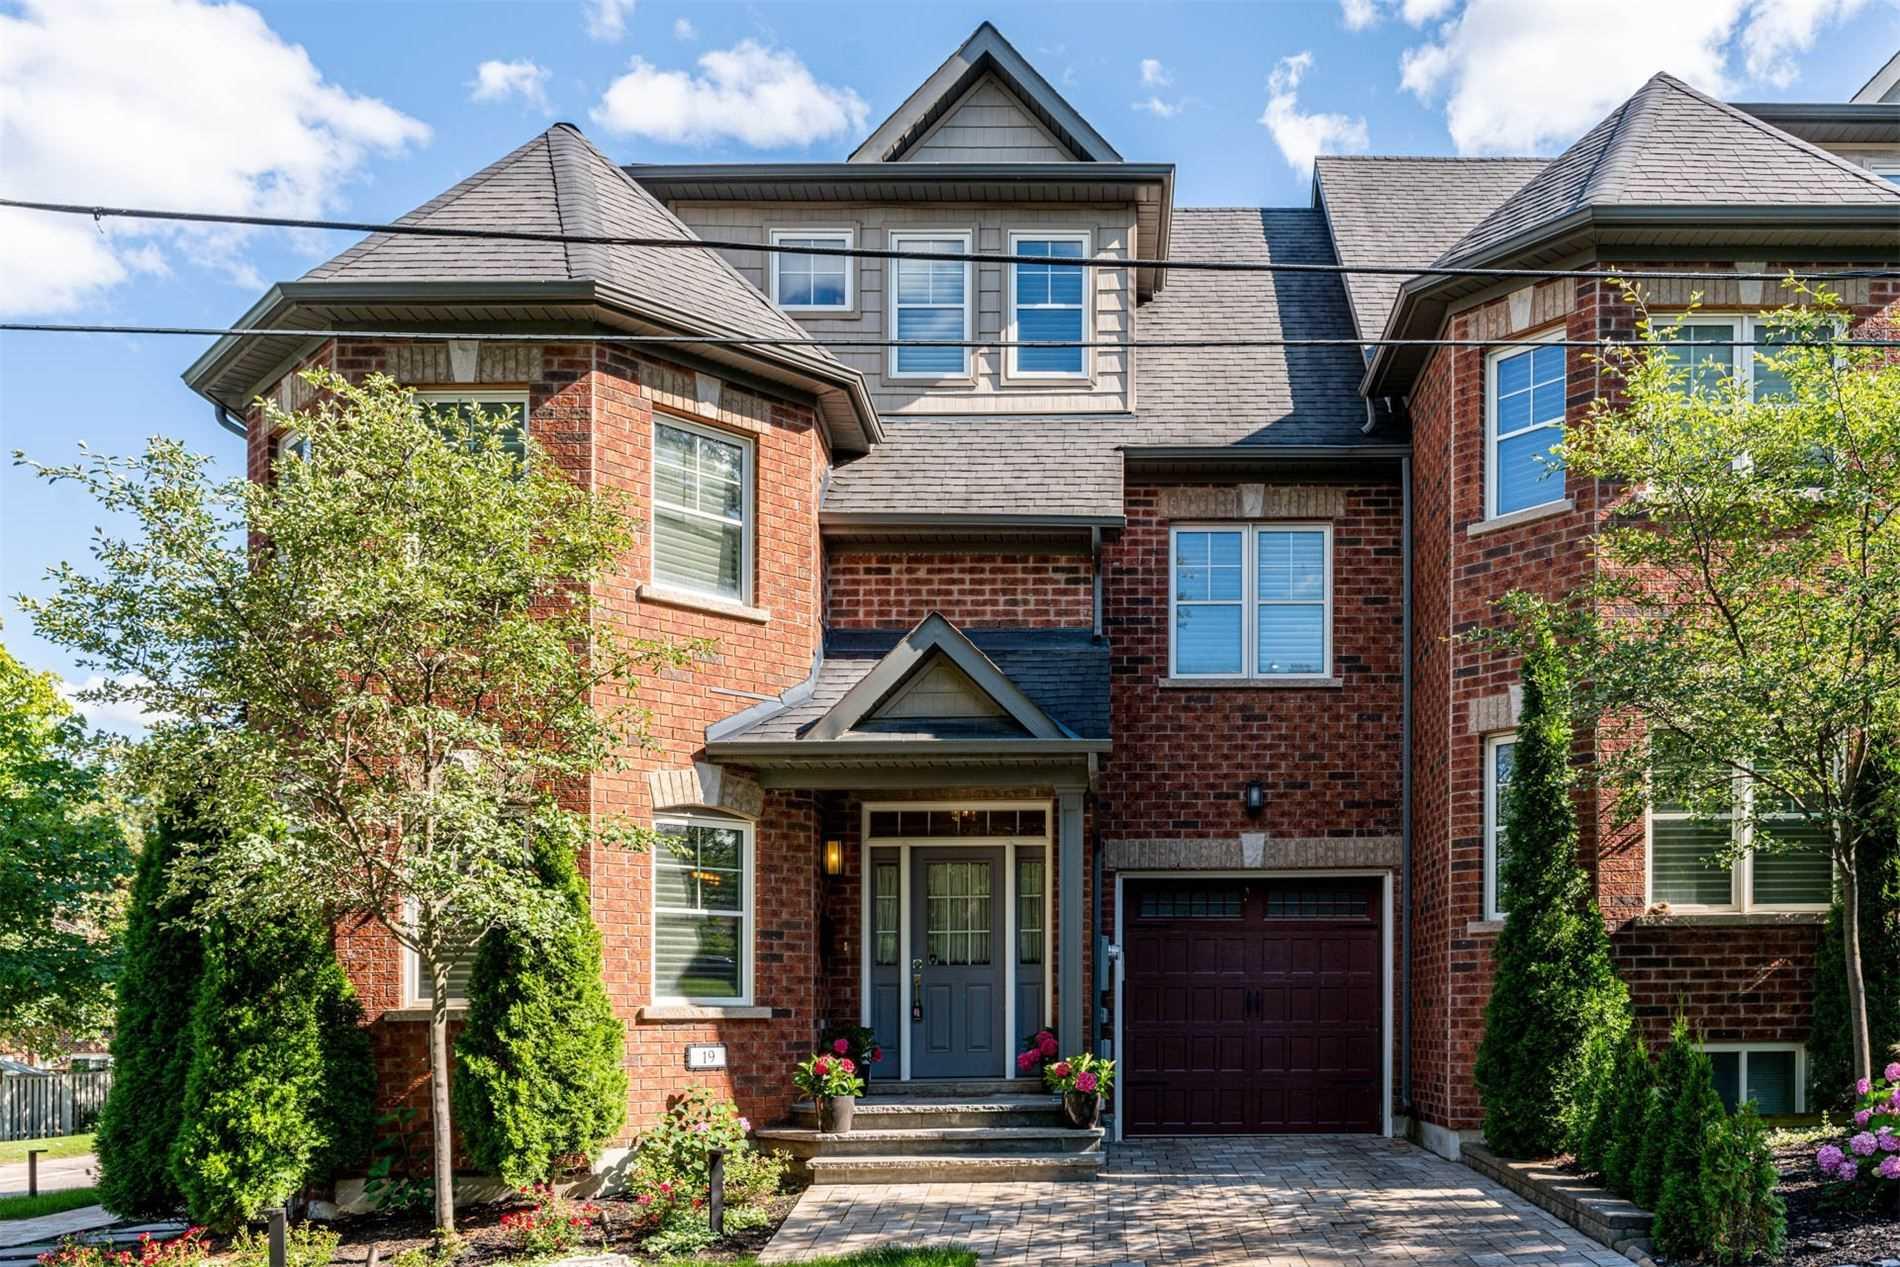 19 Deer Park Lane - N5316274 - $929,000